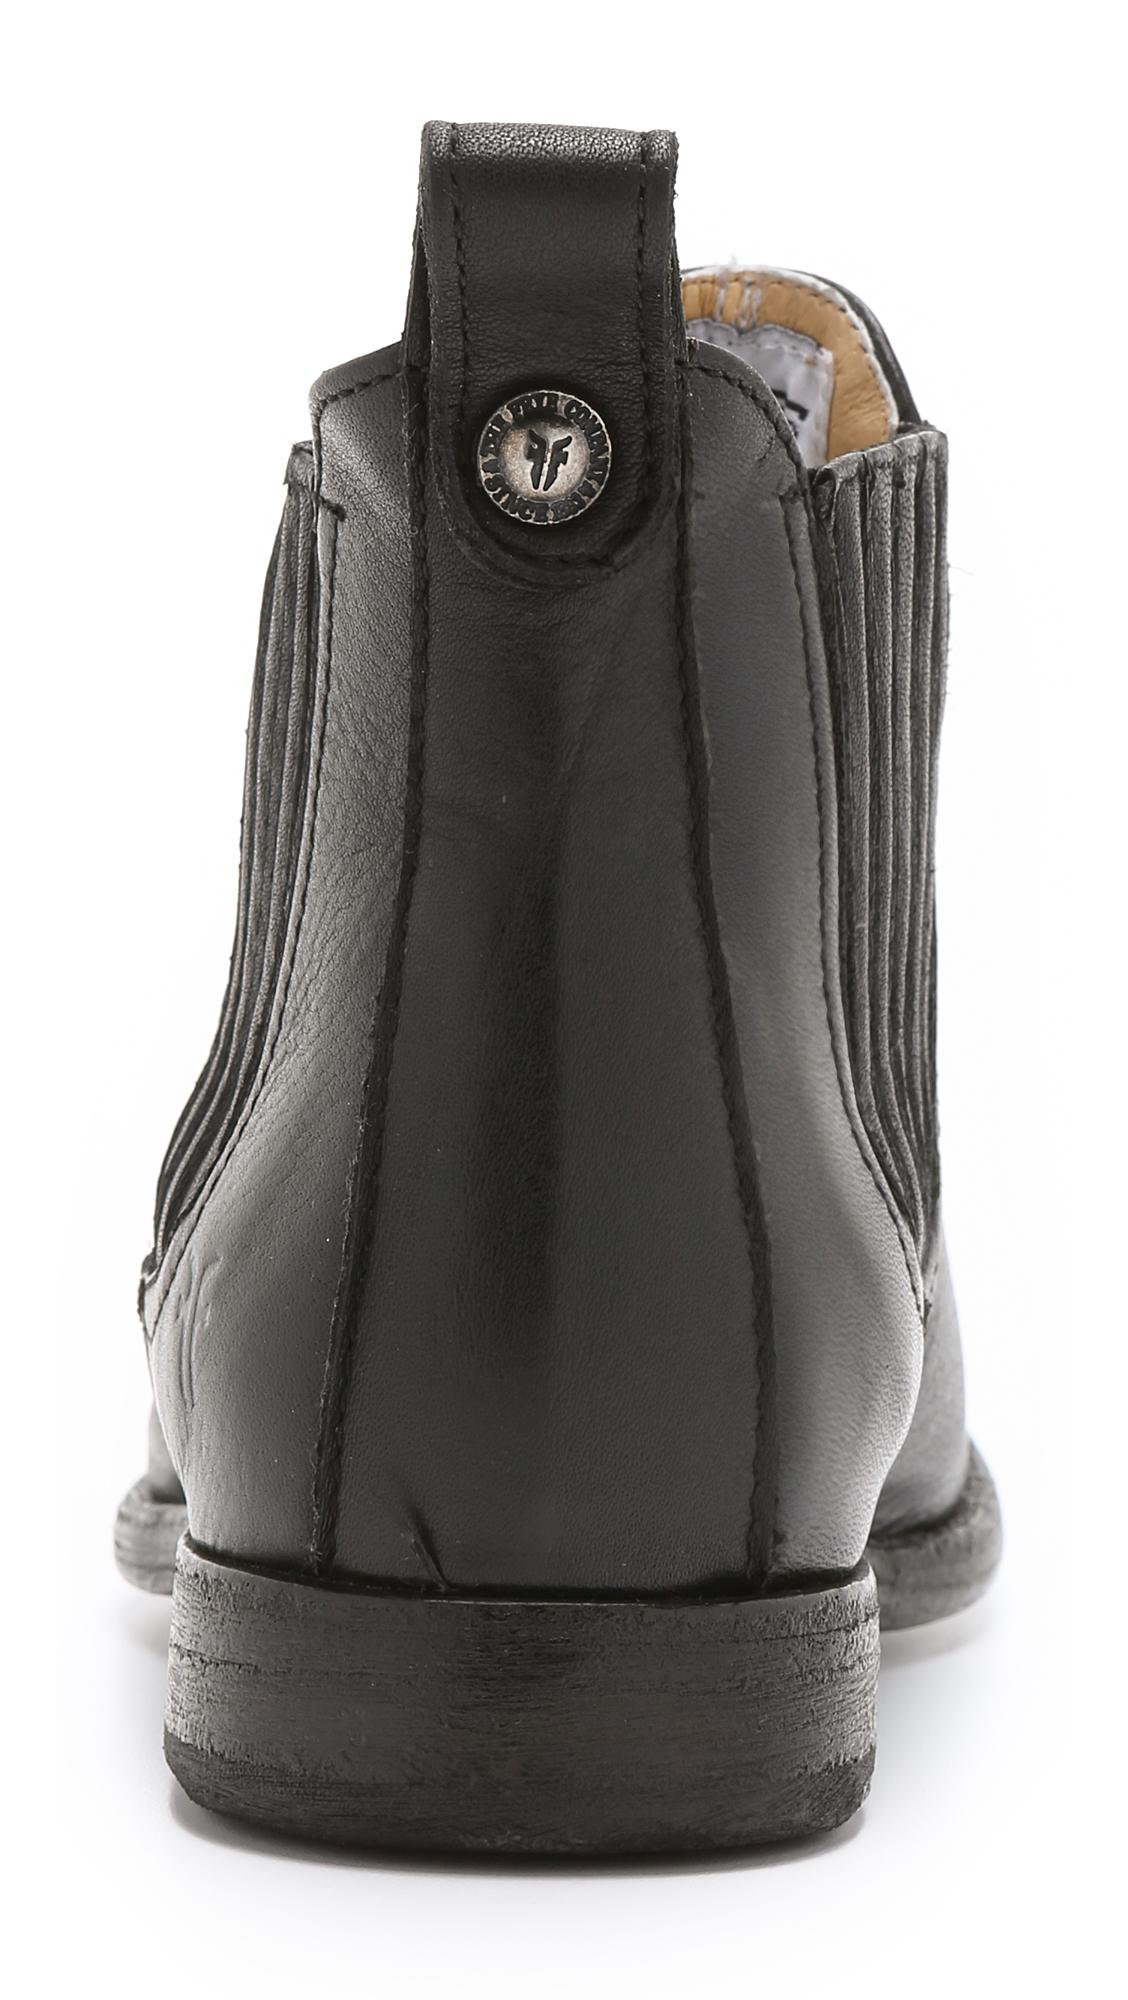 Frye Leather Philip Chelsea Flat Booties in Black